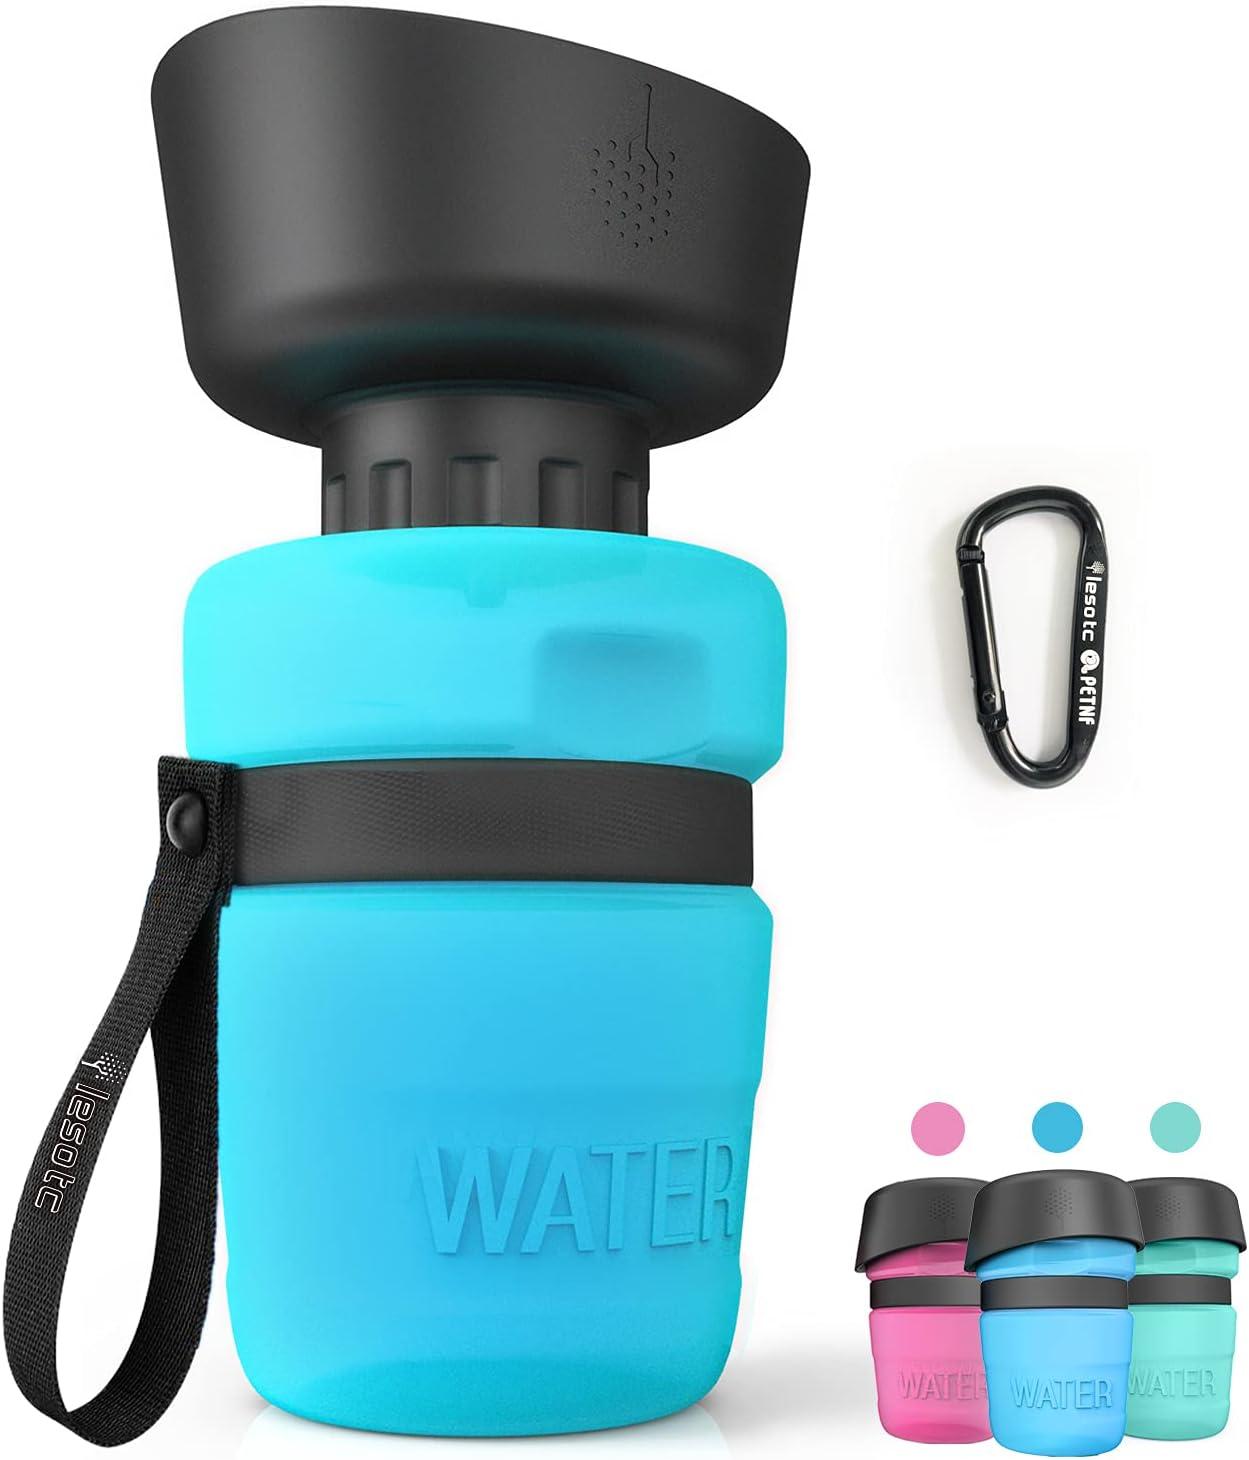 lesotc Foldable Leak-Proof Pet Water Bottle for Dogs